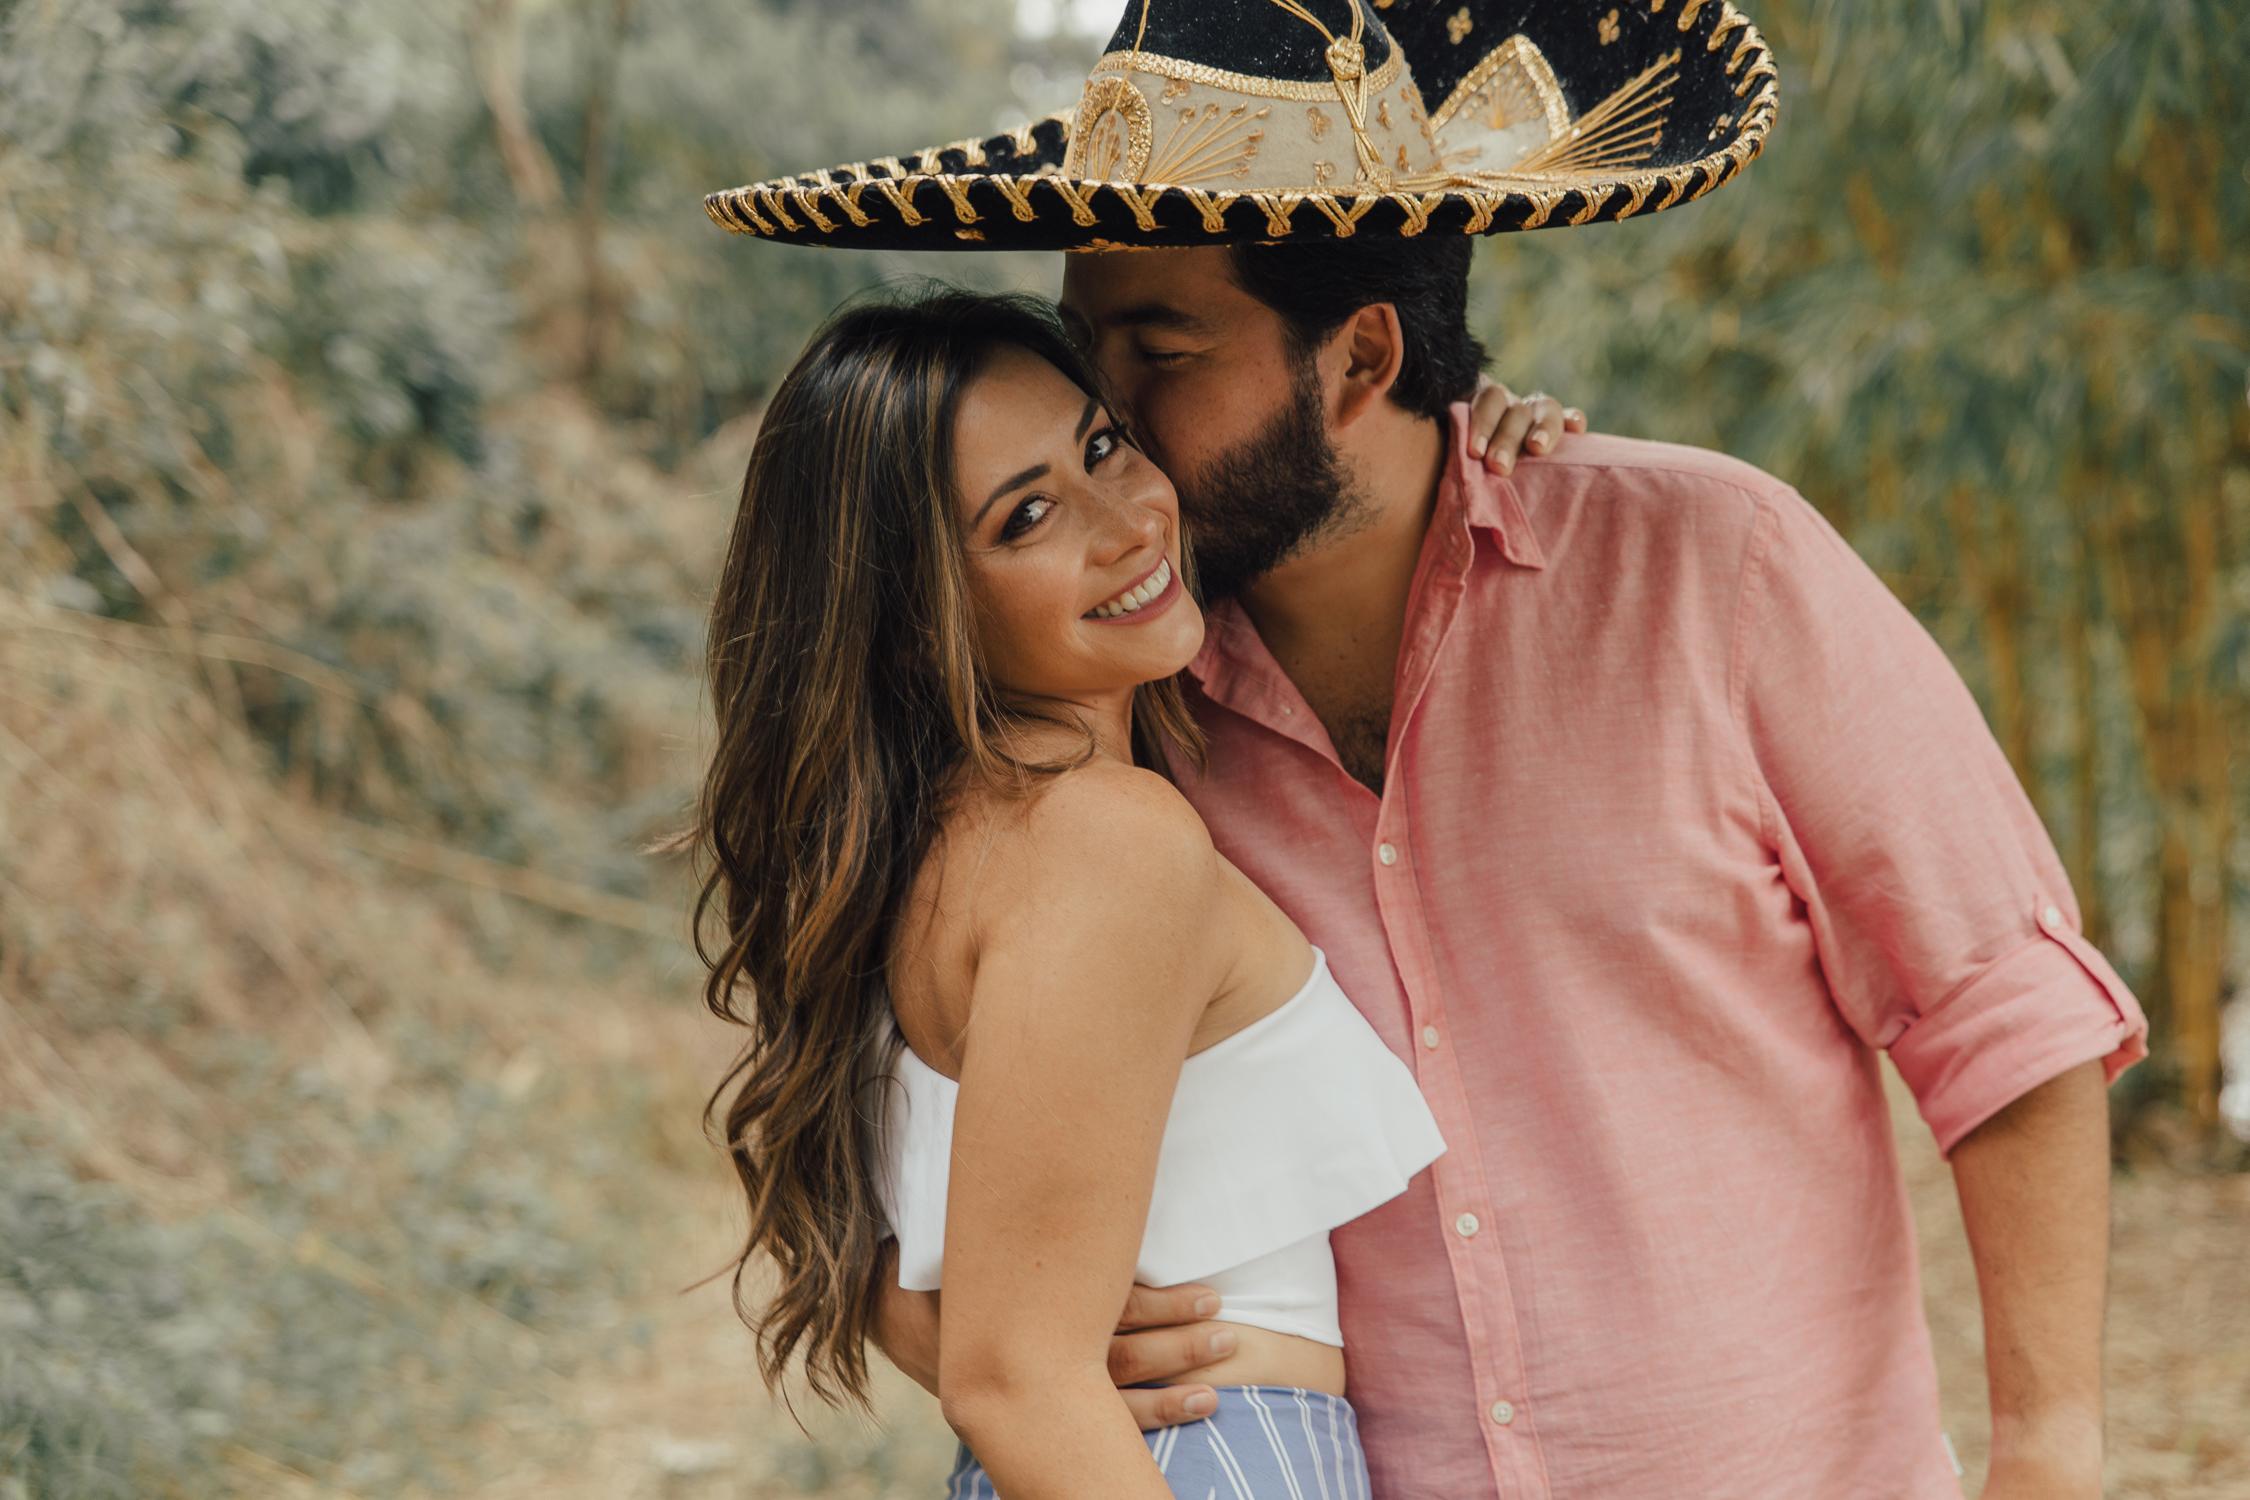 Michelle-Agurto-Fotografia-Bodas-Ecuador-Destination-Wedding-Photographer-Sesion-Maria-Gracia-Bonfy-6.JPG